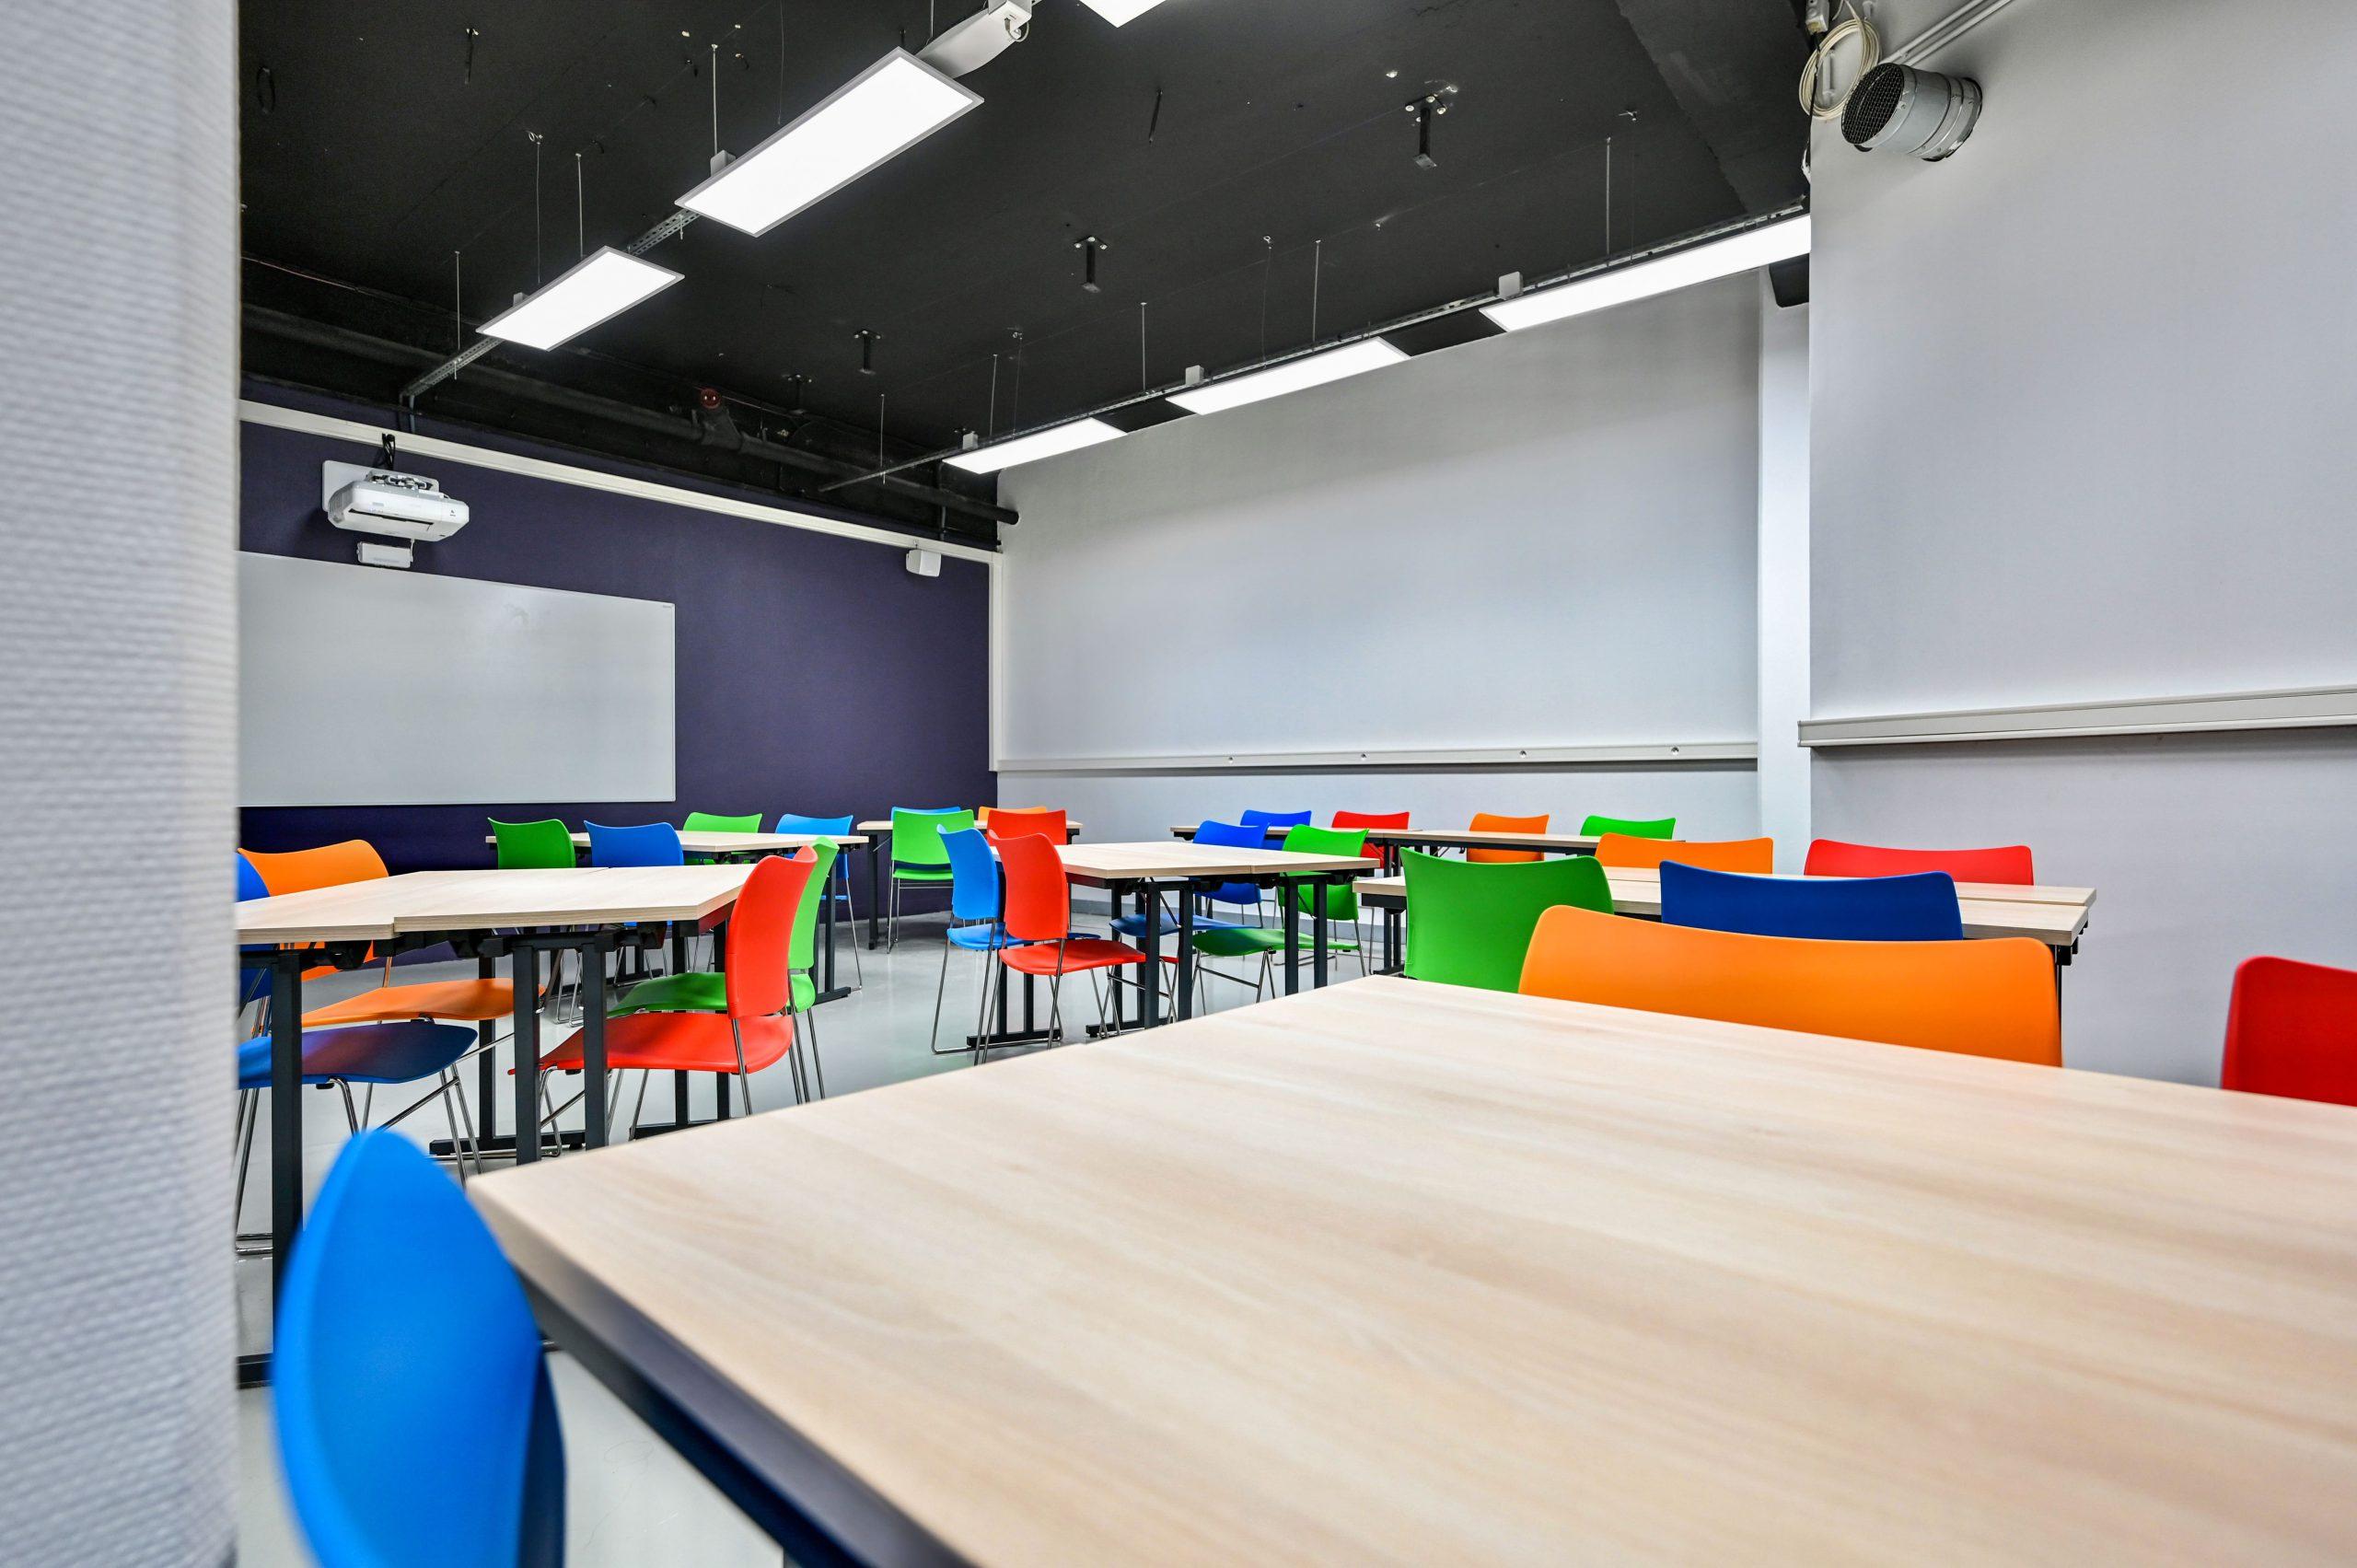 IGS-salle de classe-tableau-chaise-table de classe